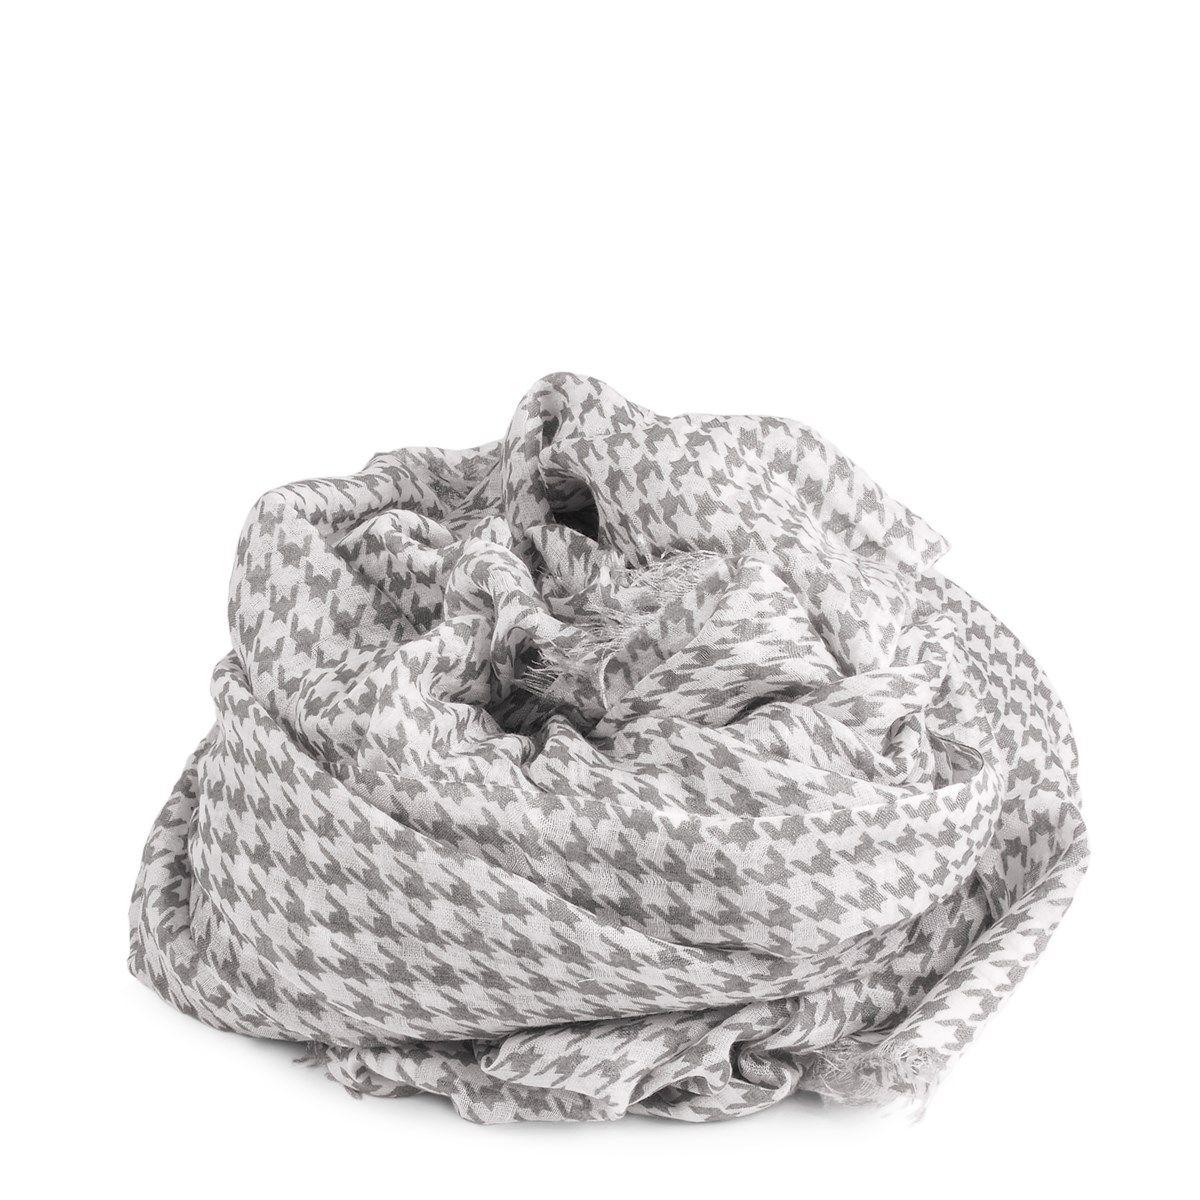 Foulard en soie et coton motif pied de poule coloré